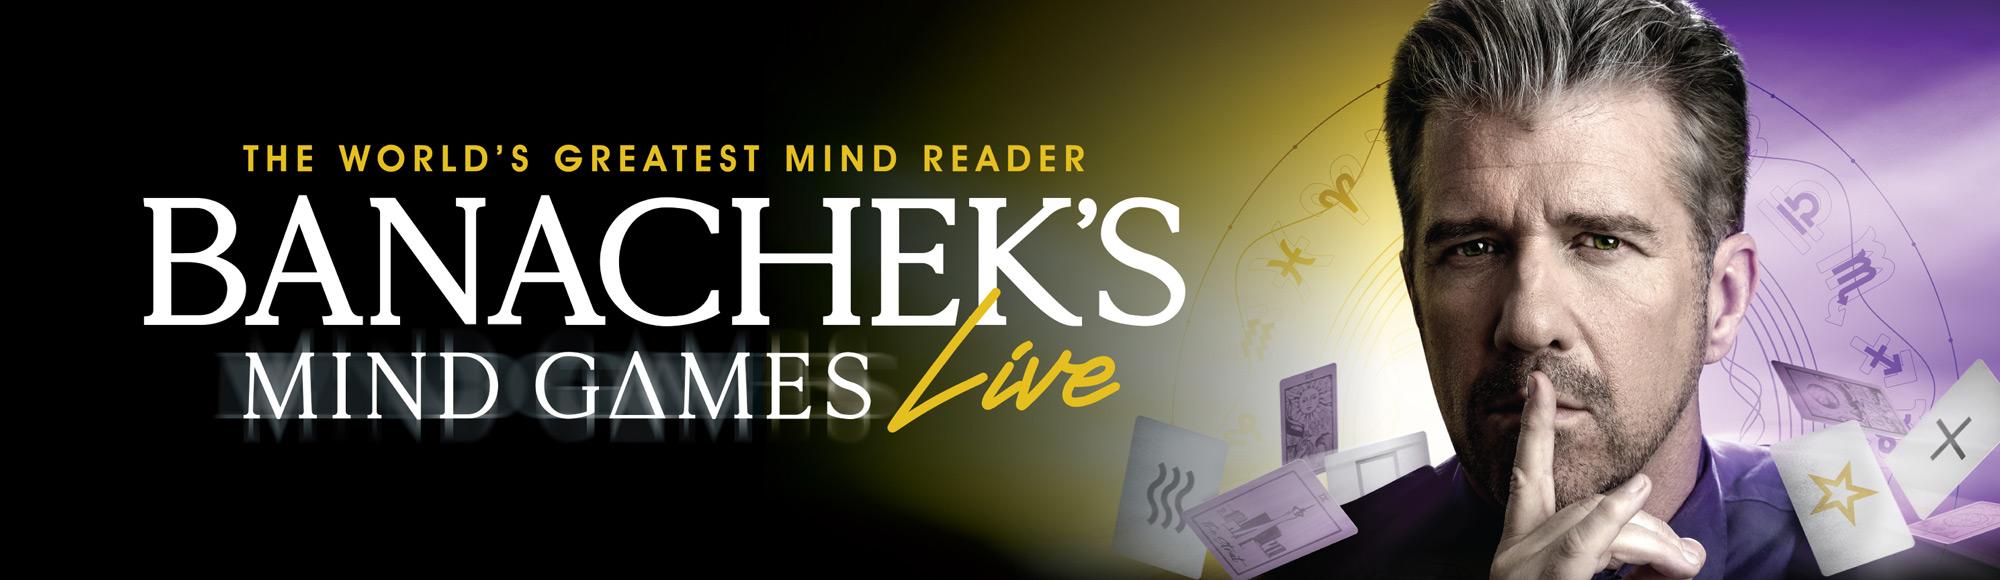 Banachek's Mind Games show